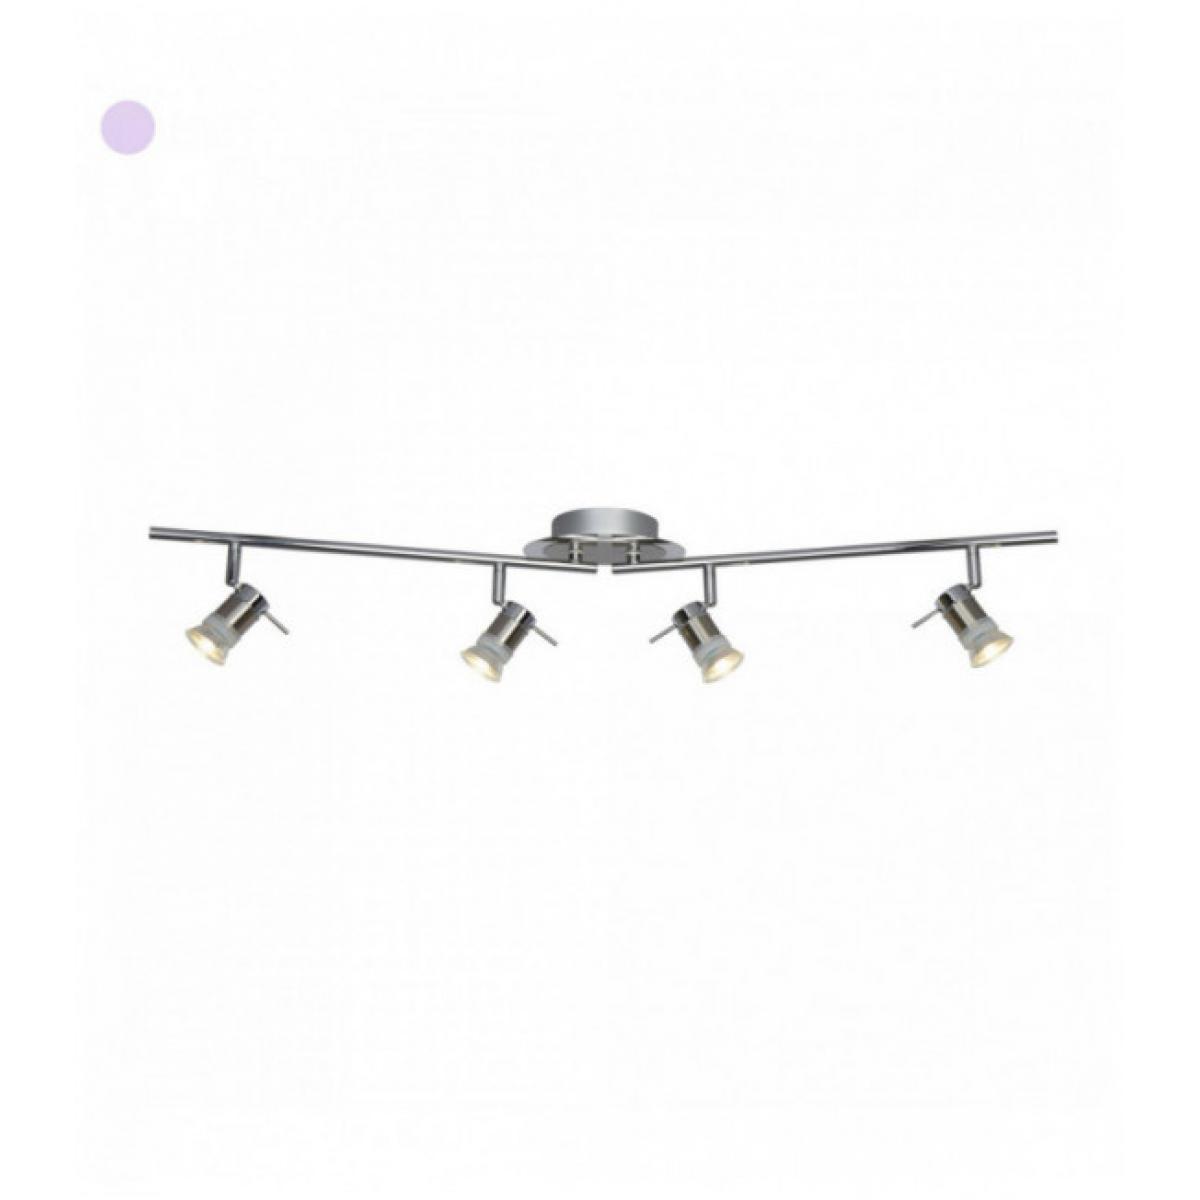 Searchlight Spot projecteur aries gu10 led ip44 4 ampoules